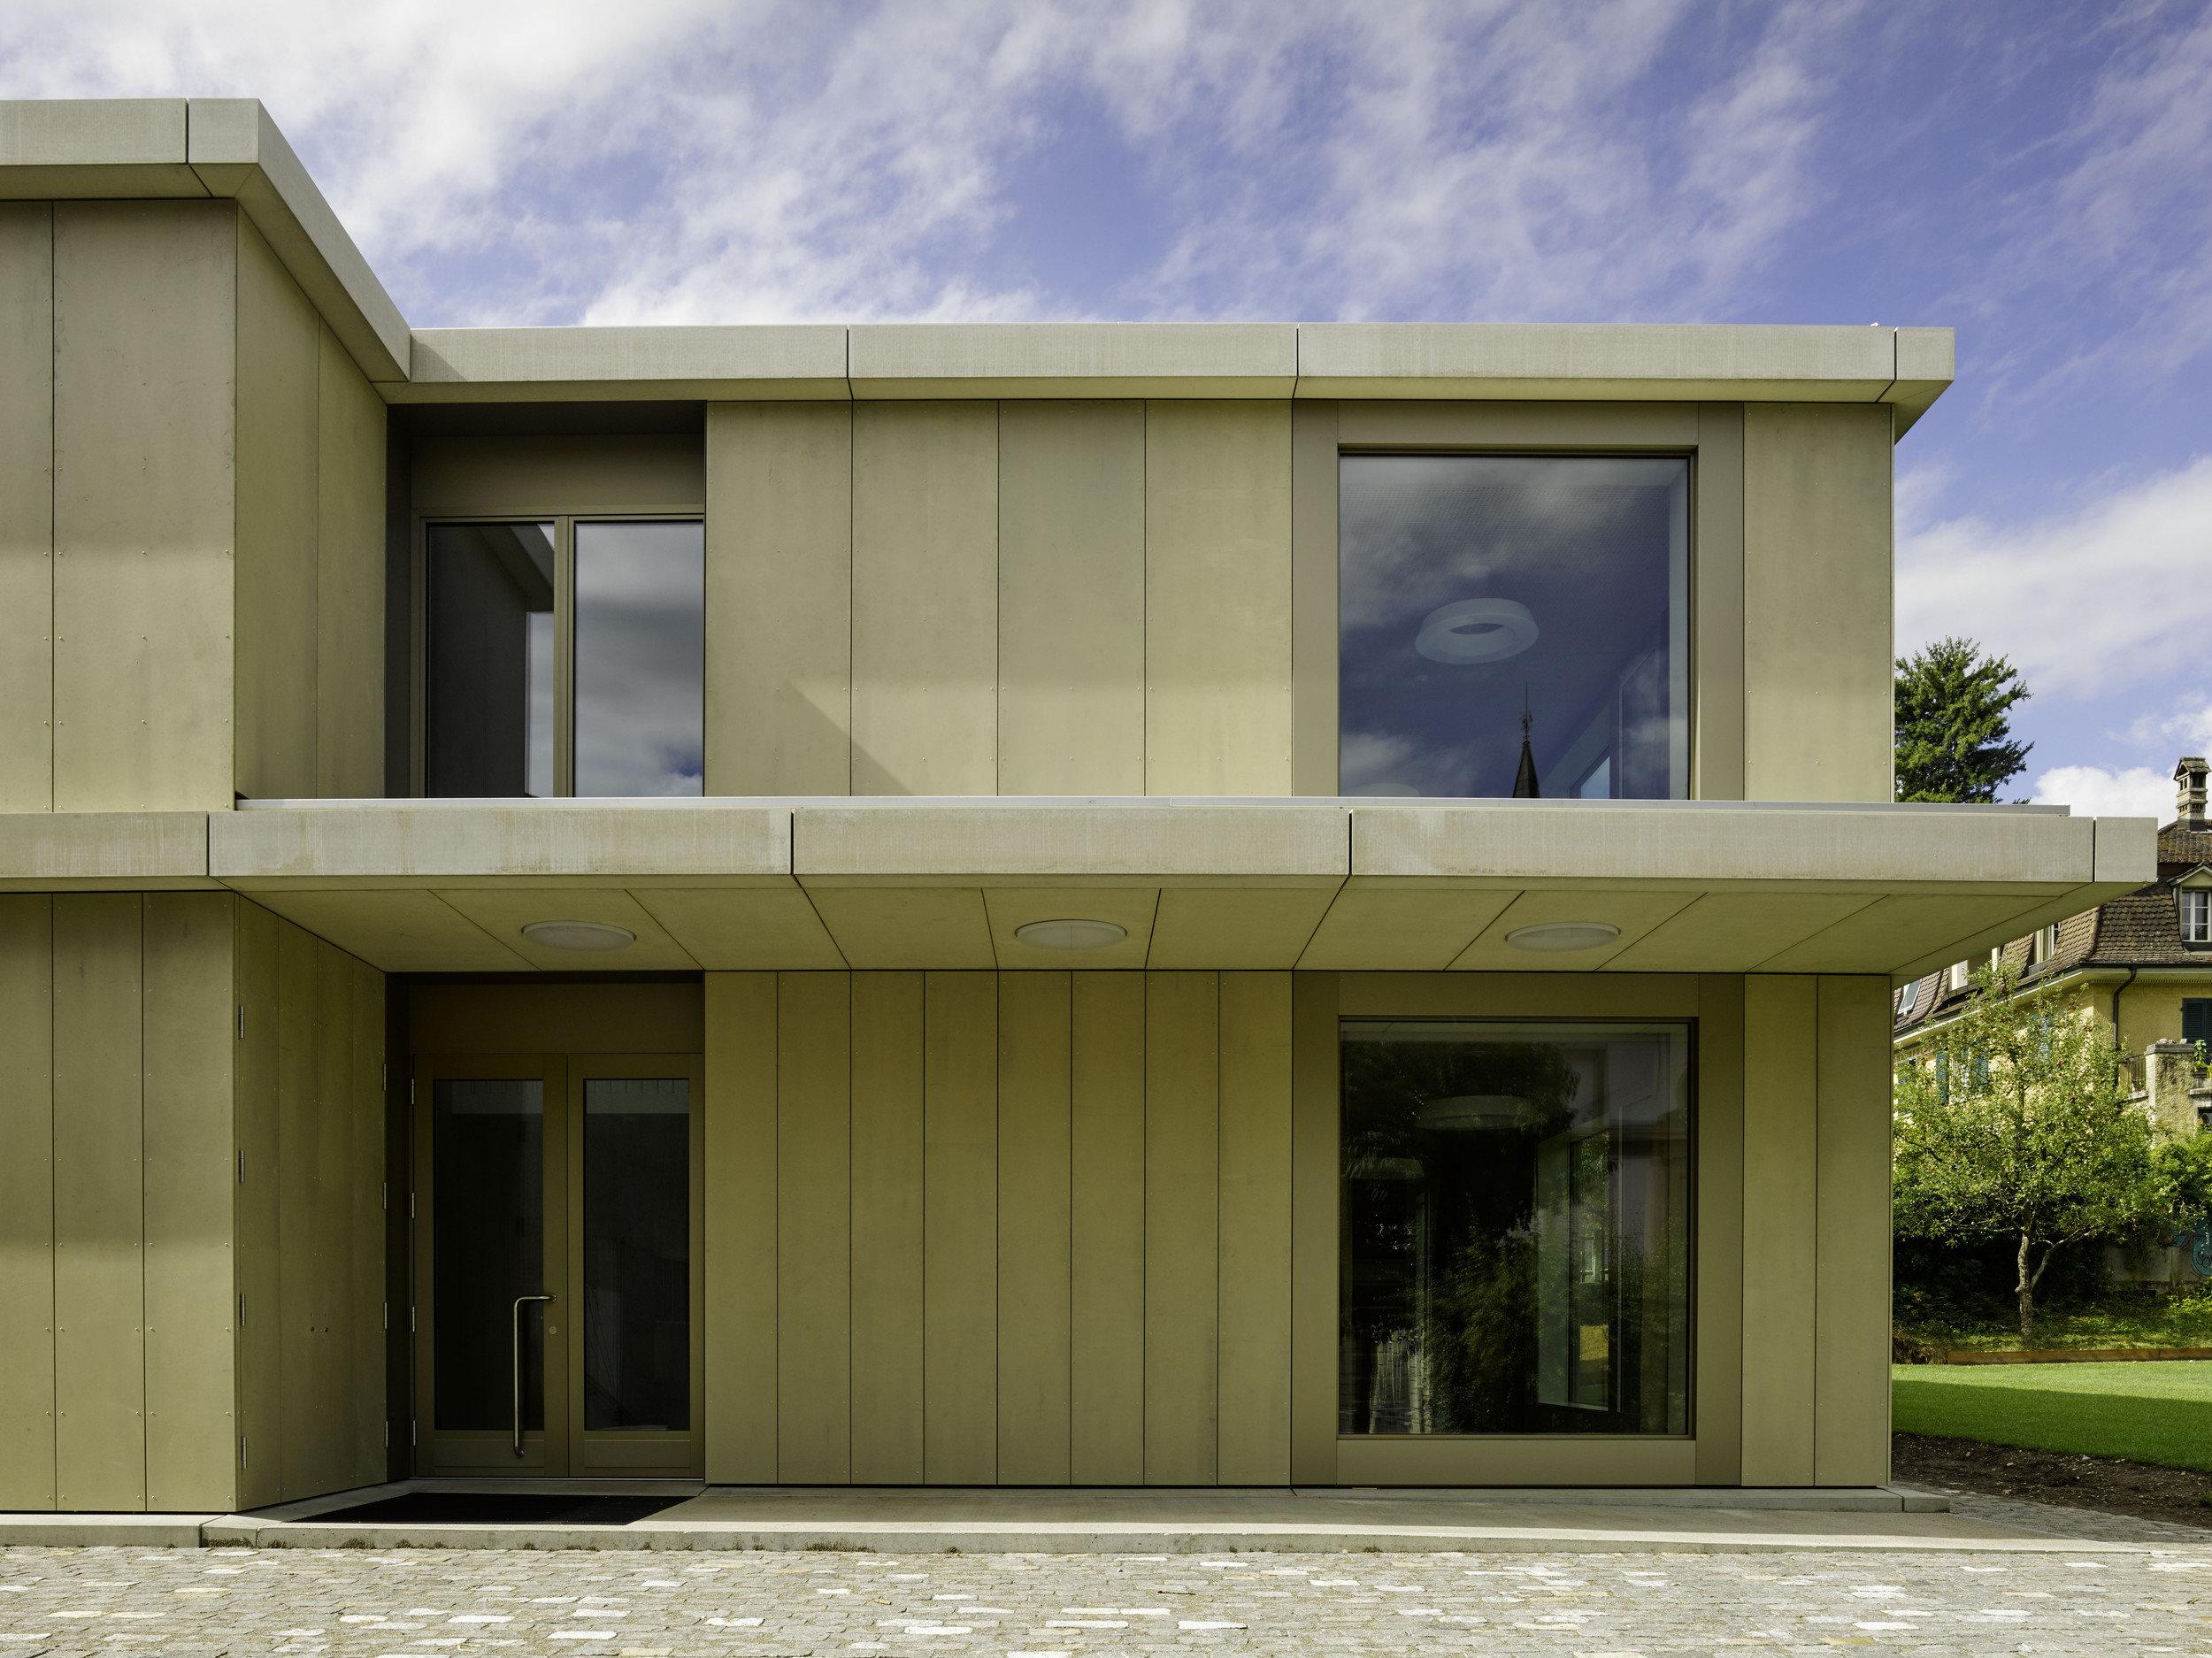 Holz-Beton-Verbunddecken zw. Geschosse eines 2-geschossigen Gebäudes